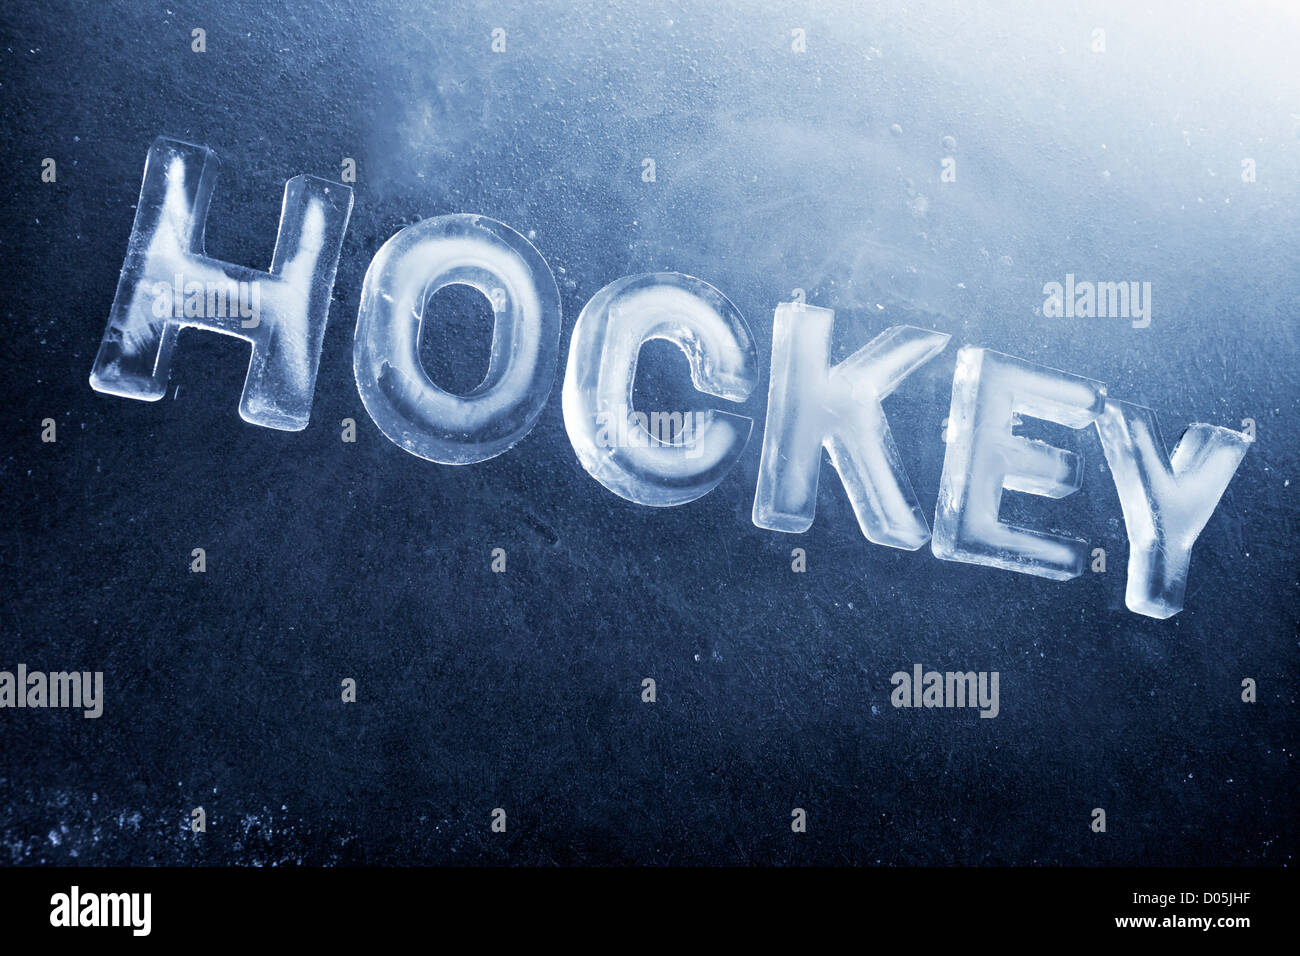 La parola scritta di hockey con real ice lettere. Immagini Stock